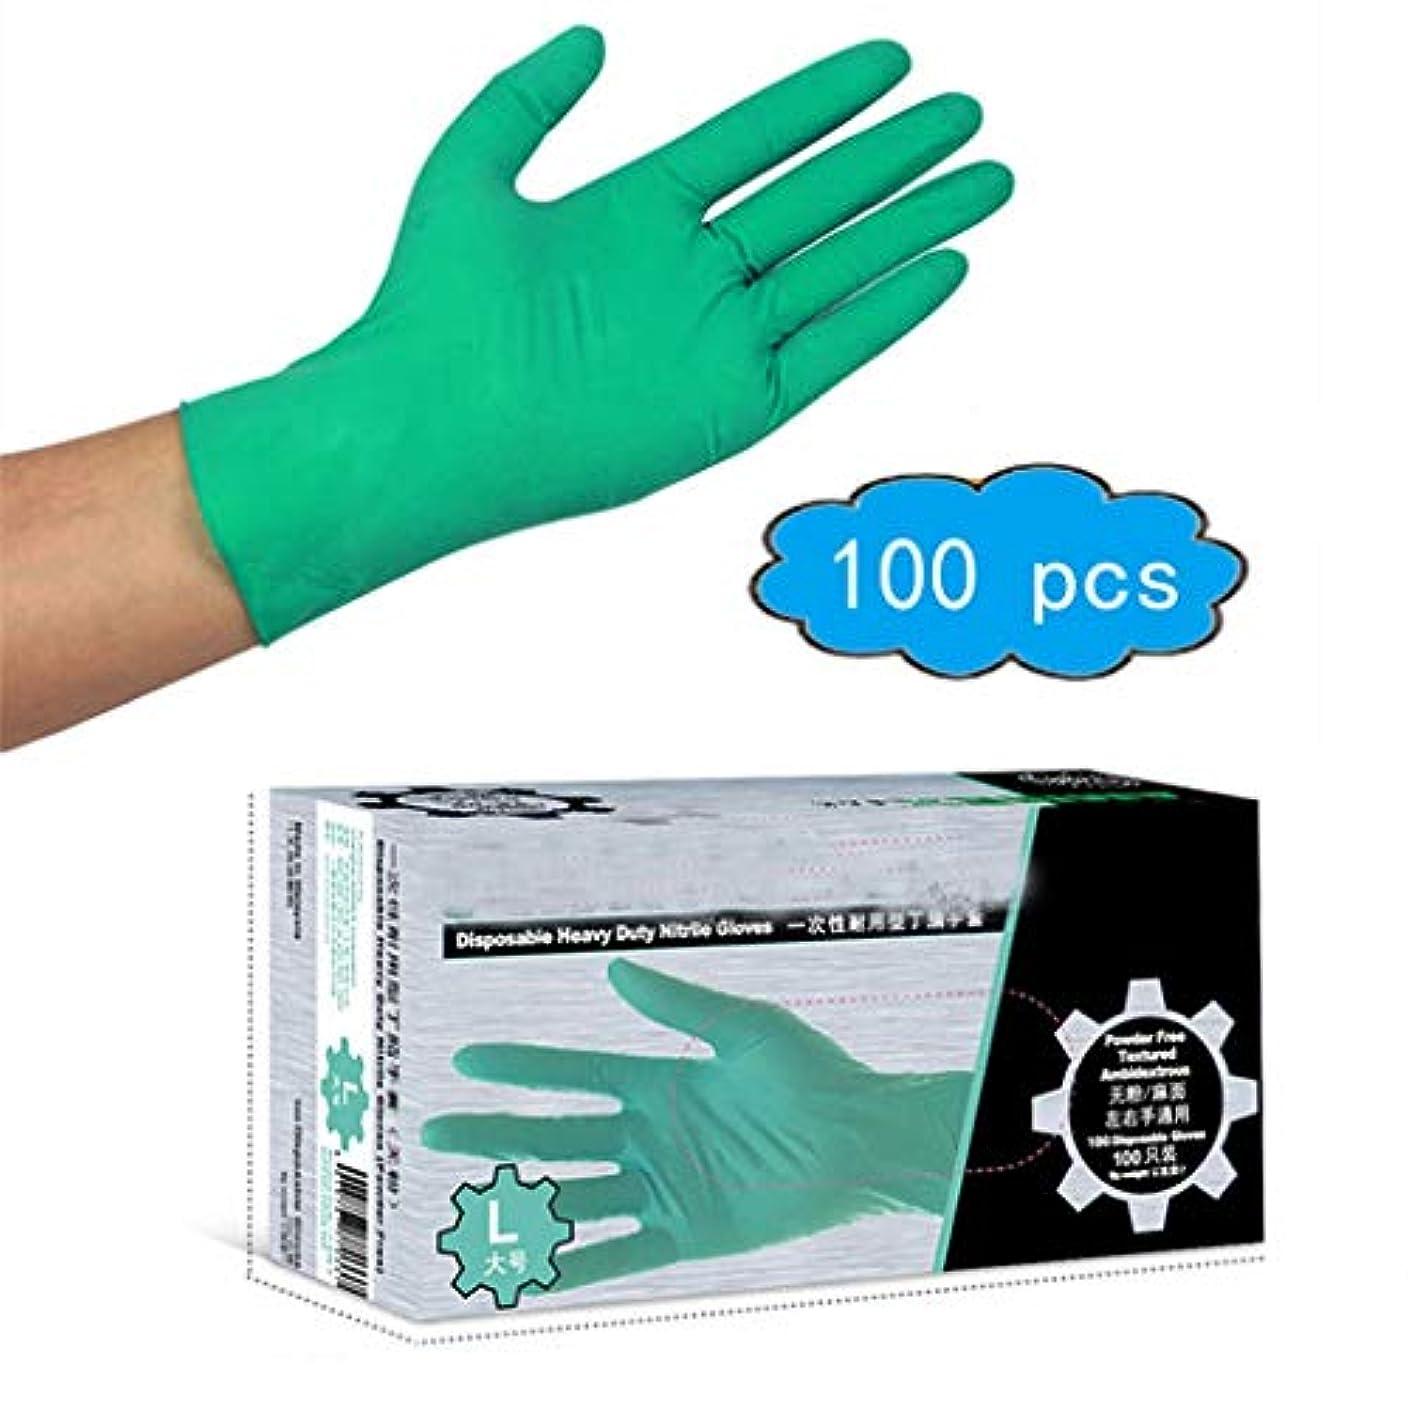 許される長いですドキドキ使い捨てニトリル手袋、100箱、厚くて耐久性のある、緑、ニトリル研究所、耐油性、酸およびアルカリ、食品用手袋 (Color : Green, Size : L)